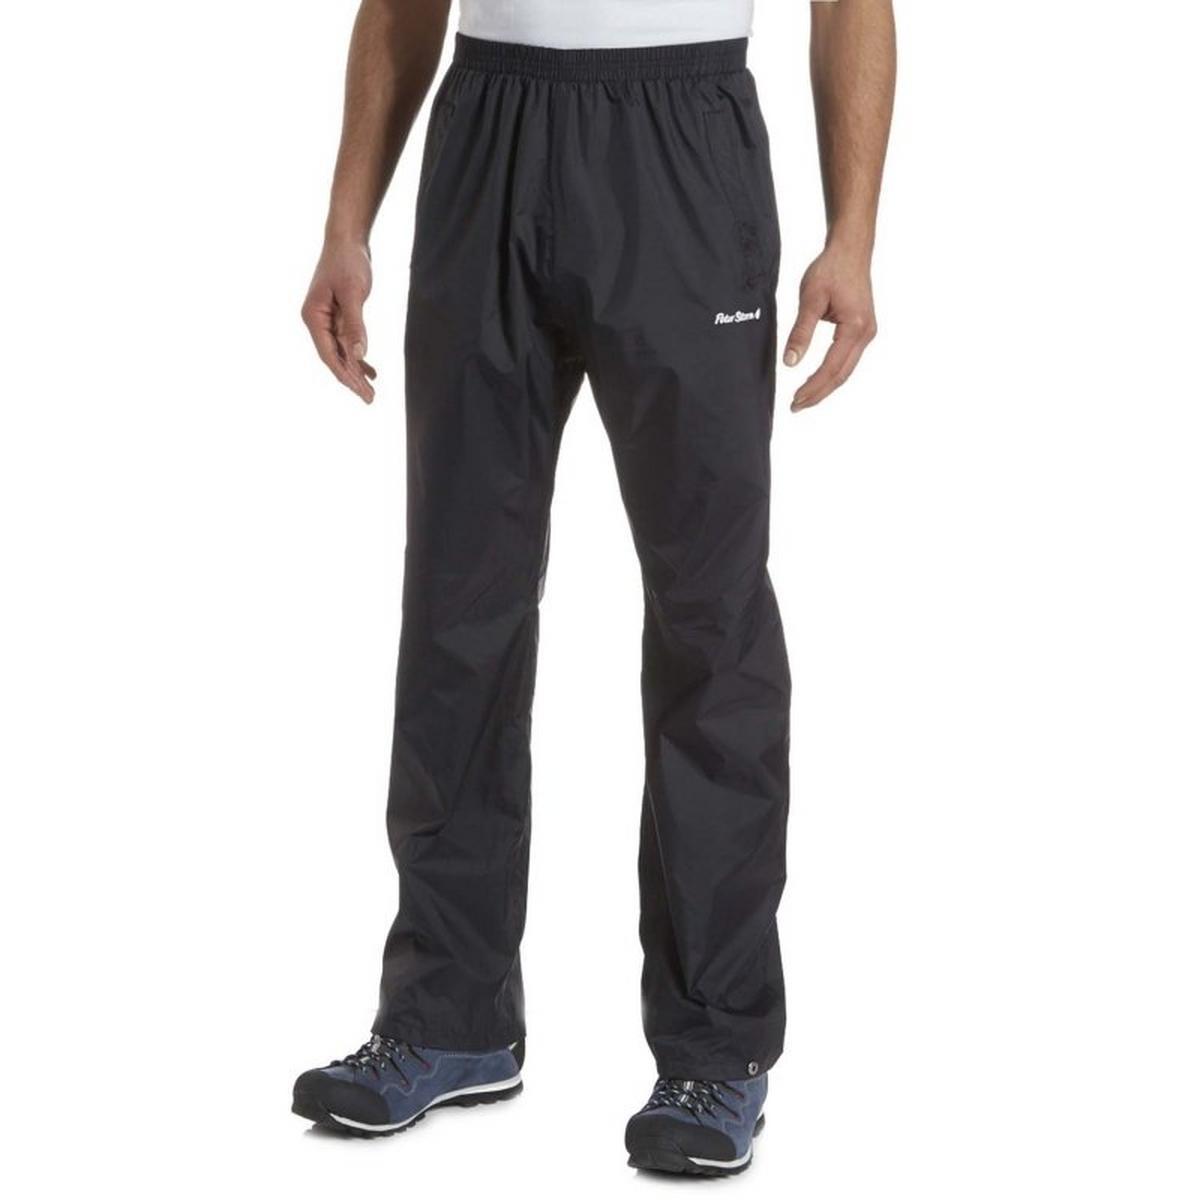 Peter Storm Men's Packable Waterproof Trouser